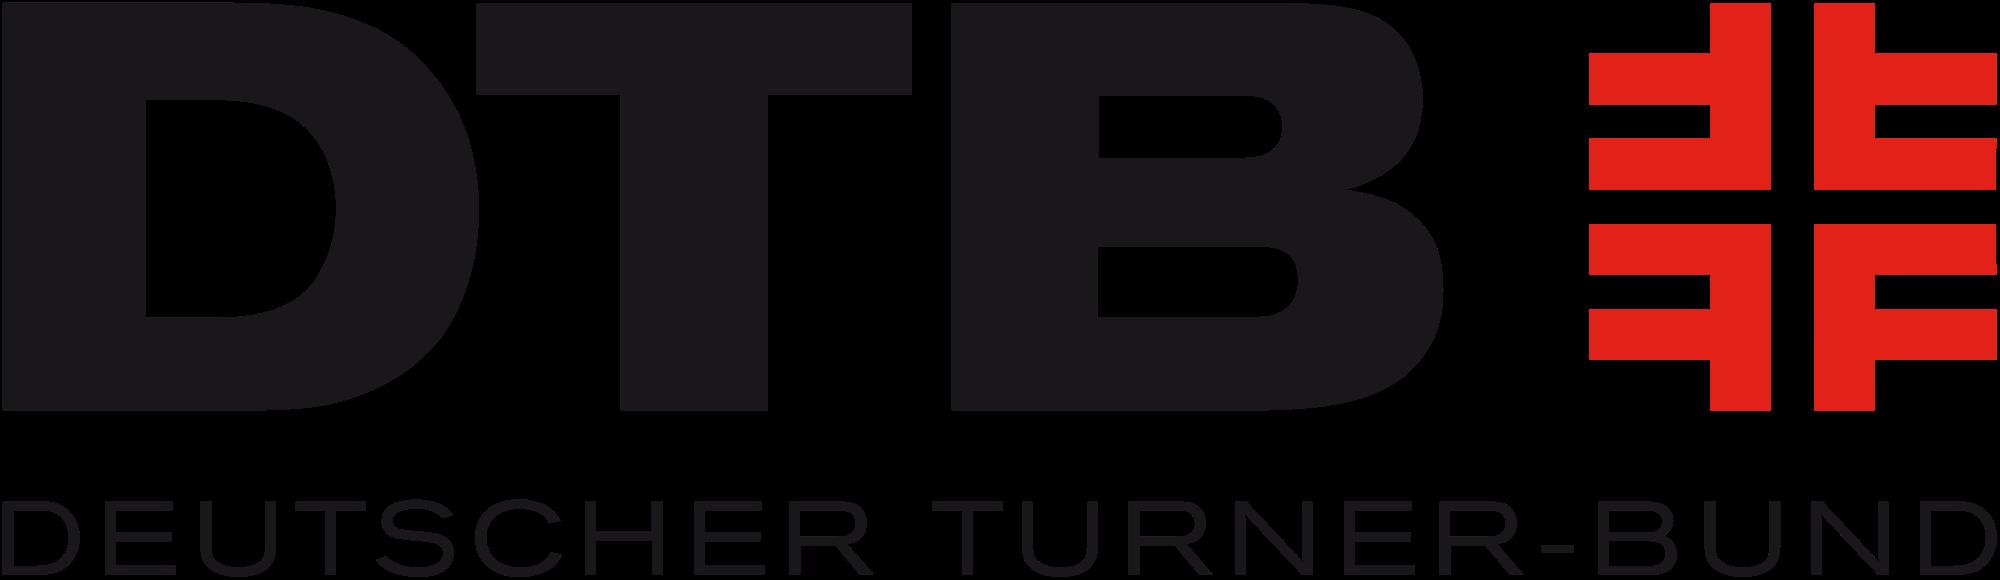 logo-deutscher-turner-bund